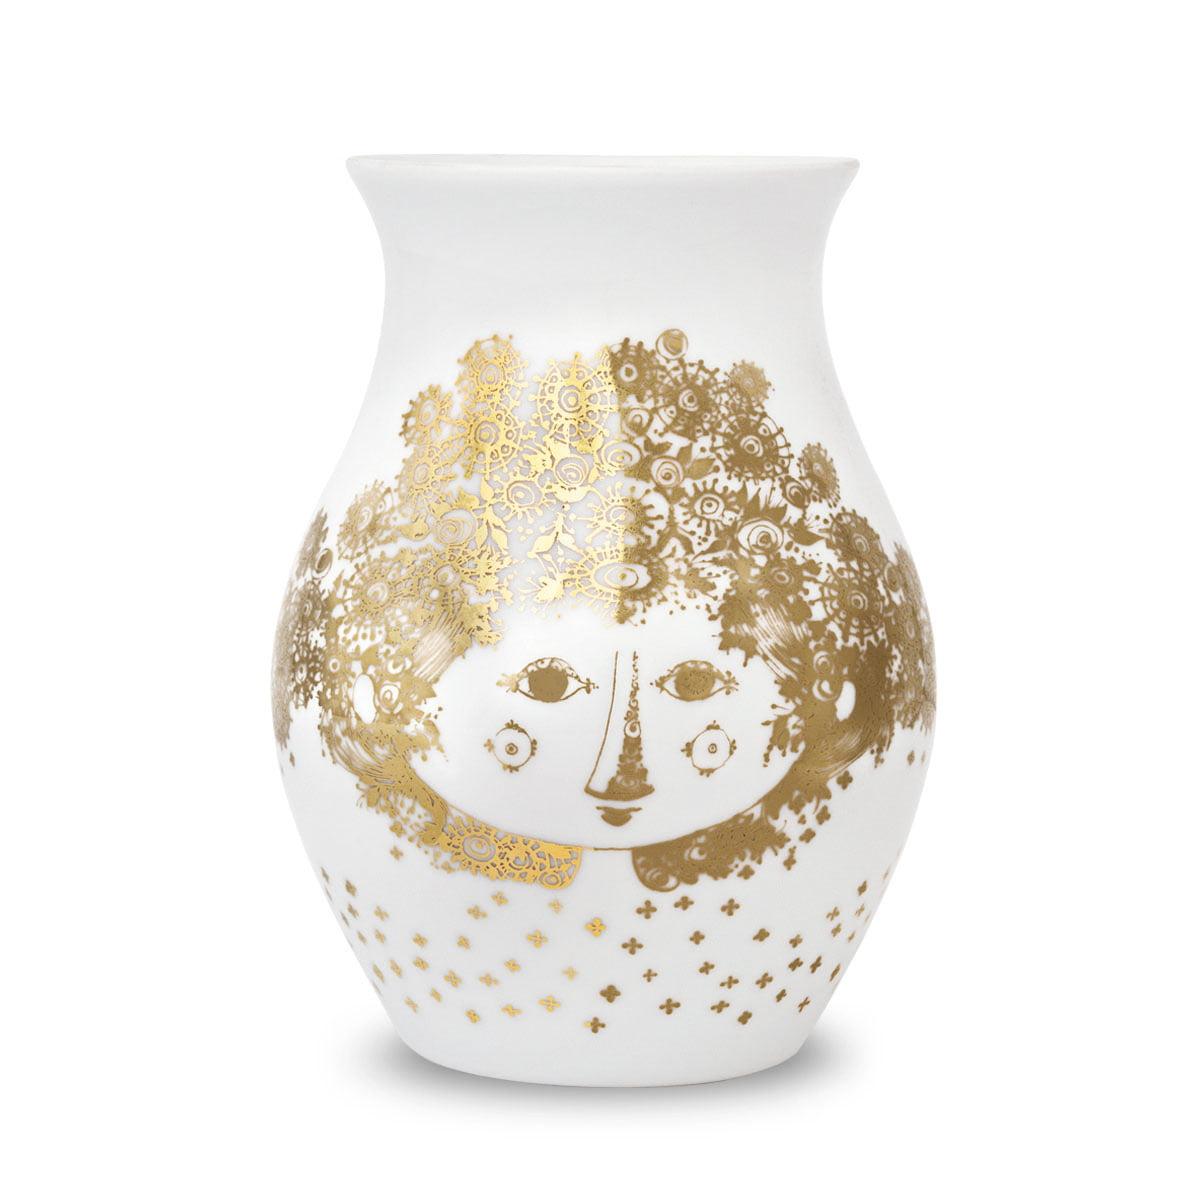 Bjørn Wiinblad - Vase Felicia, gold | Dekoration > Vasen | Gold | Bjørn Wiinblad